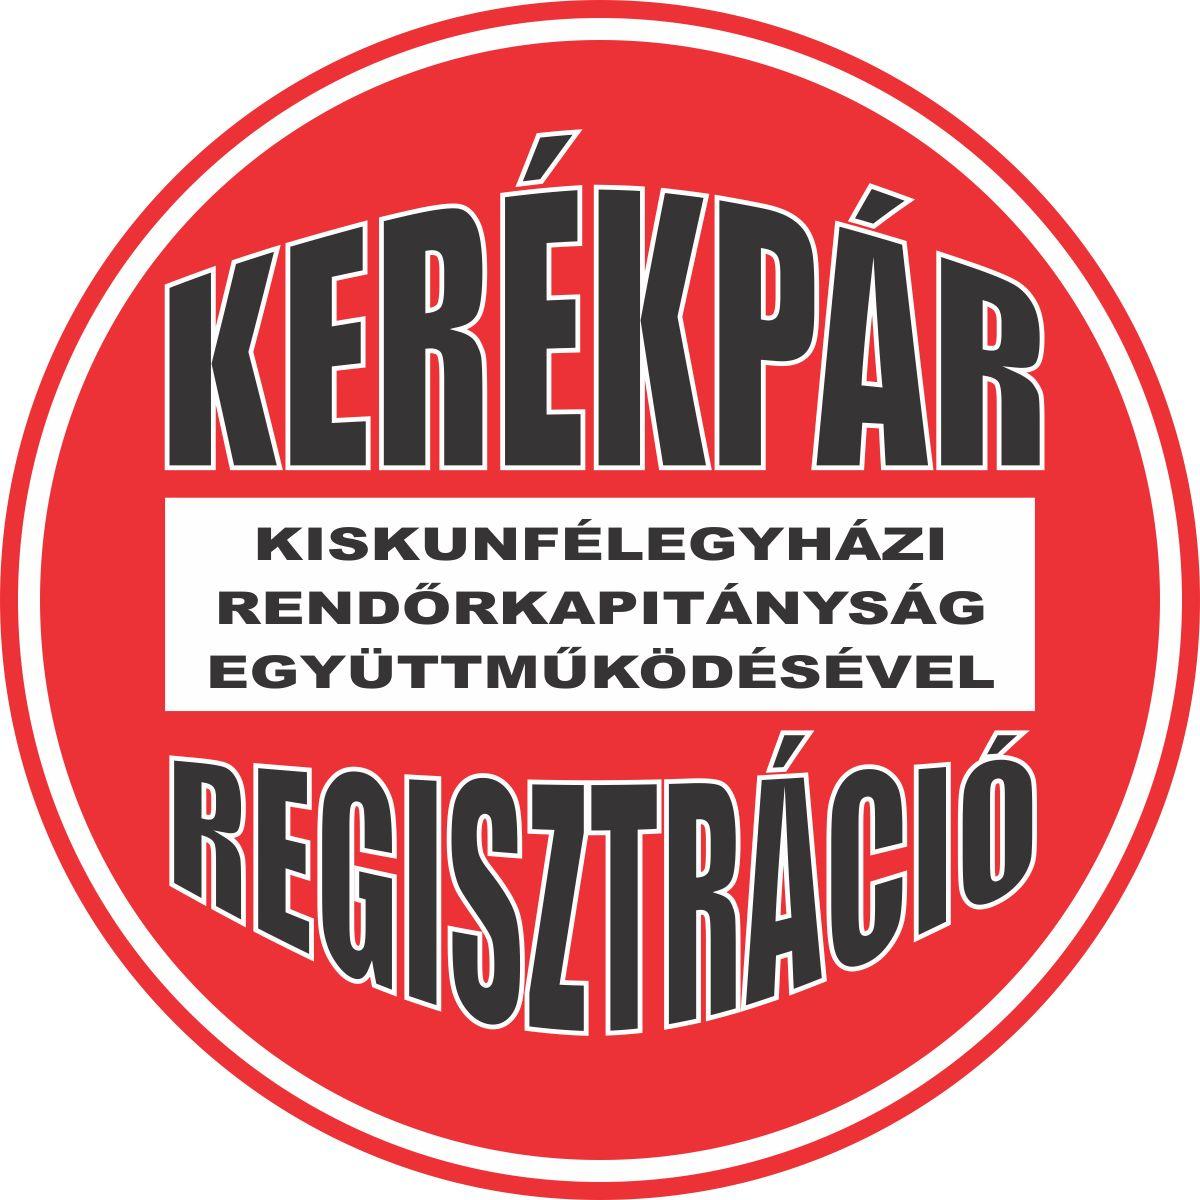 Kiskunfélegyházi Kerékpár regisztráció